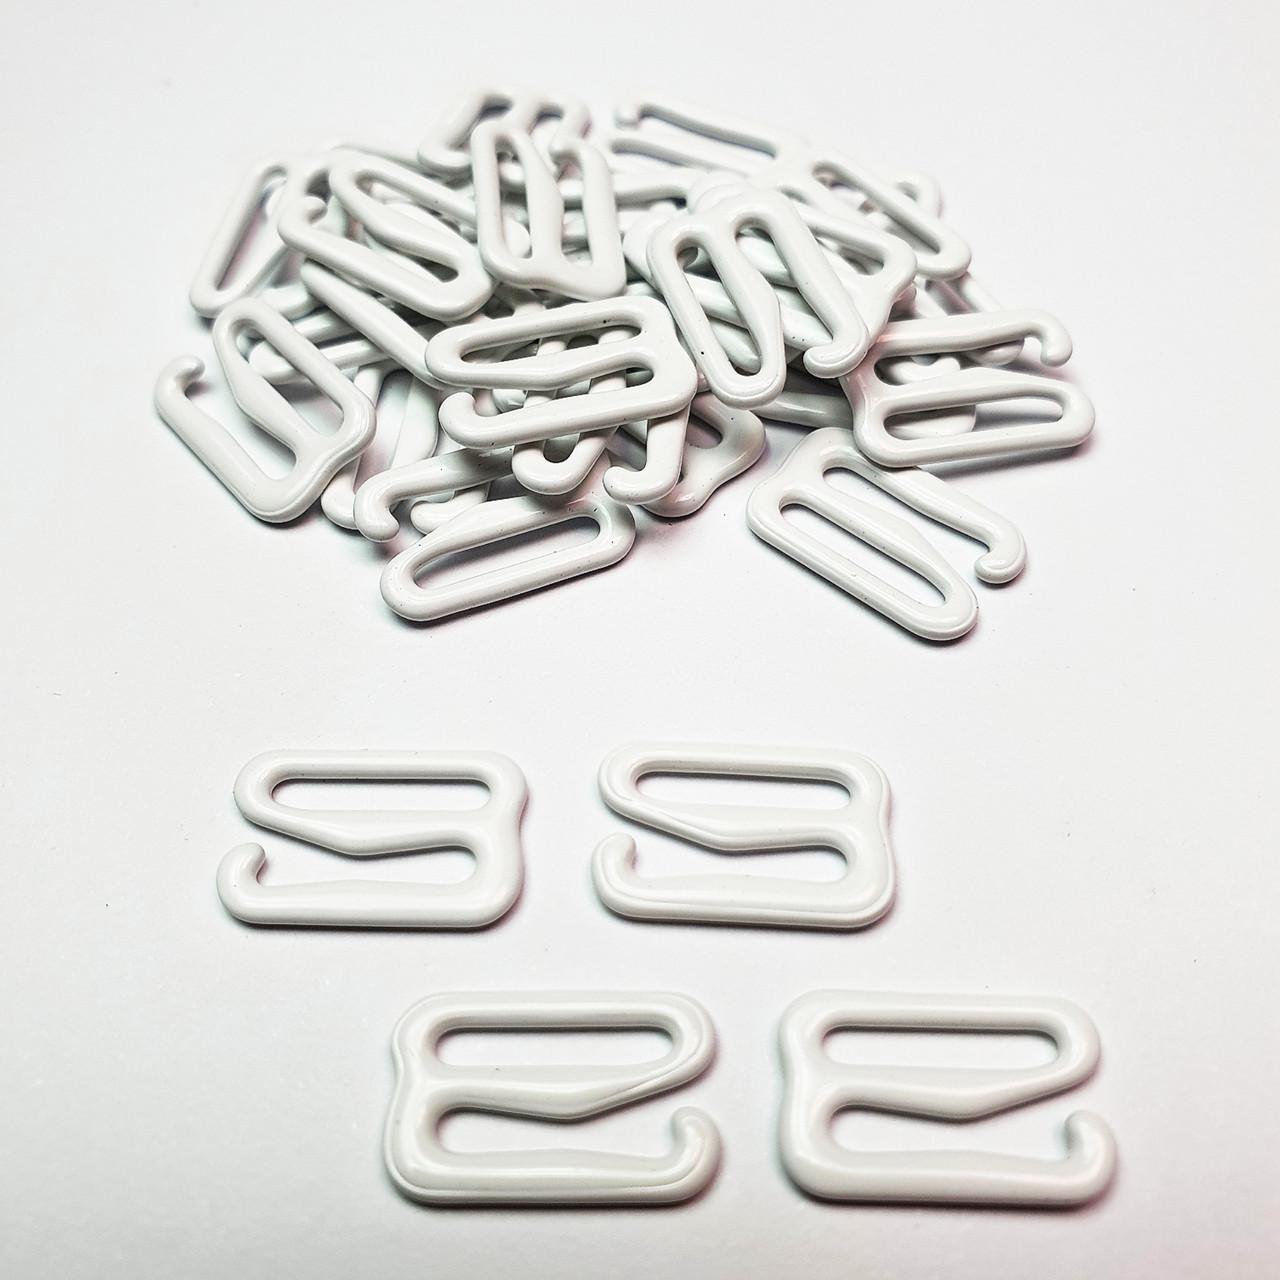 Крючок для бюстгальтера, бретелей, купальников, регуляторы 8мм металл белый (Крашеный эмаль) (20 шт/уп).